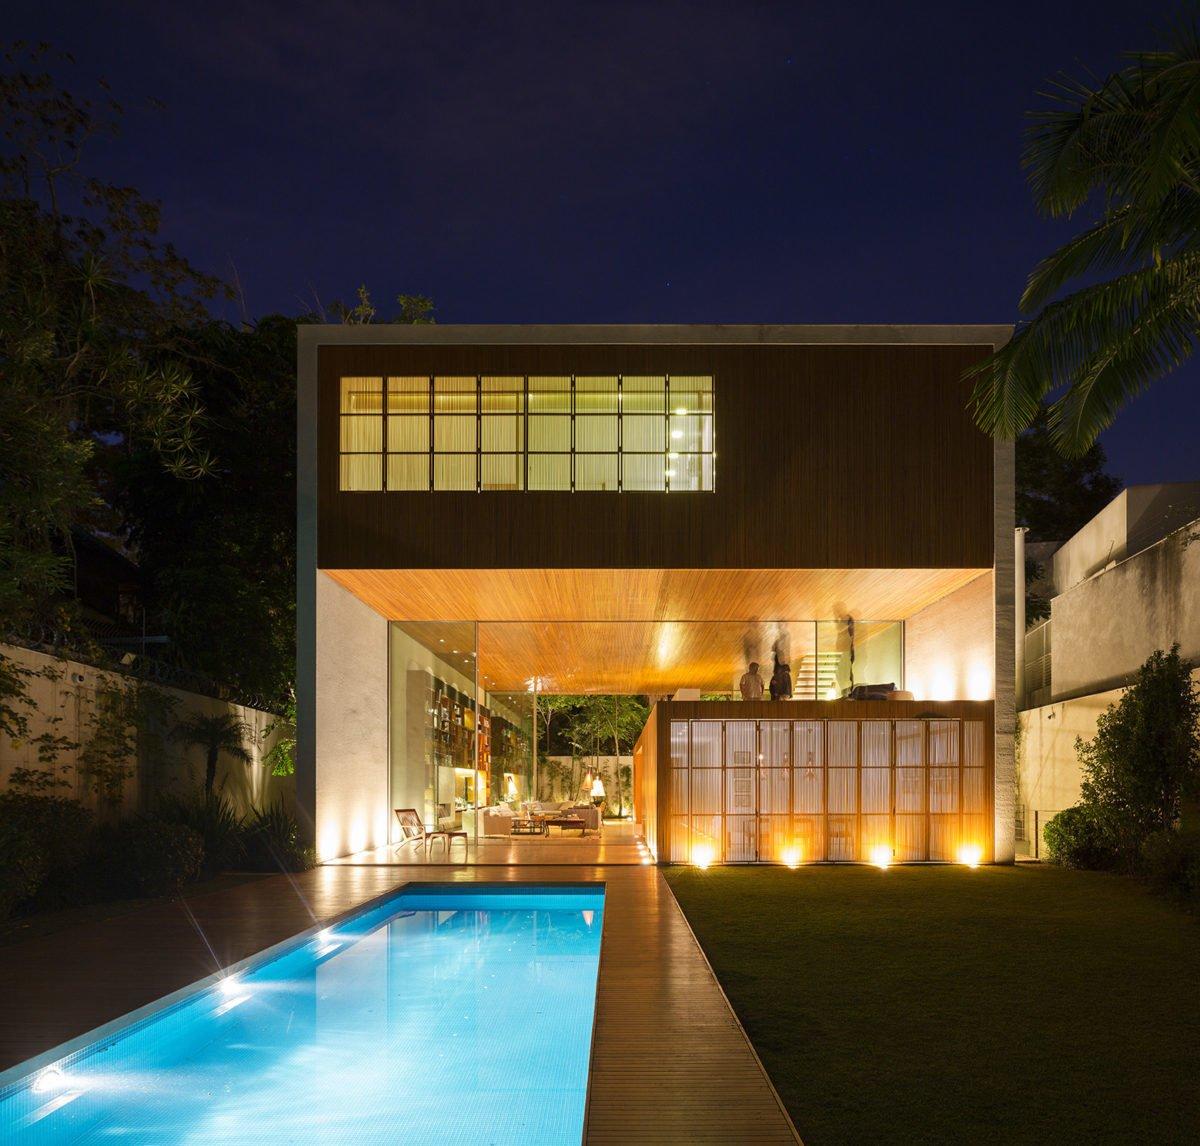 15Tetris-House-In-São-Paulo-Brazil-By-Studiomk27-31